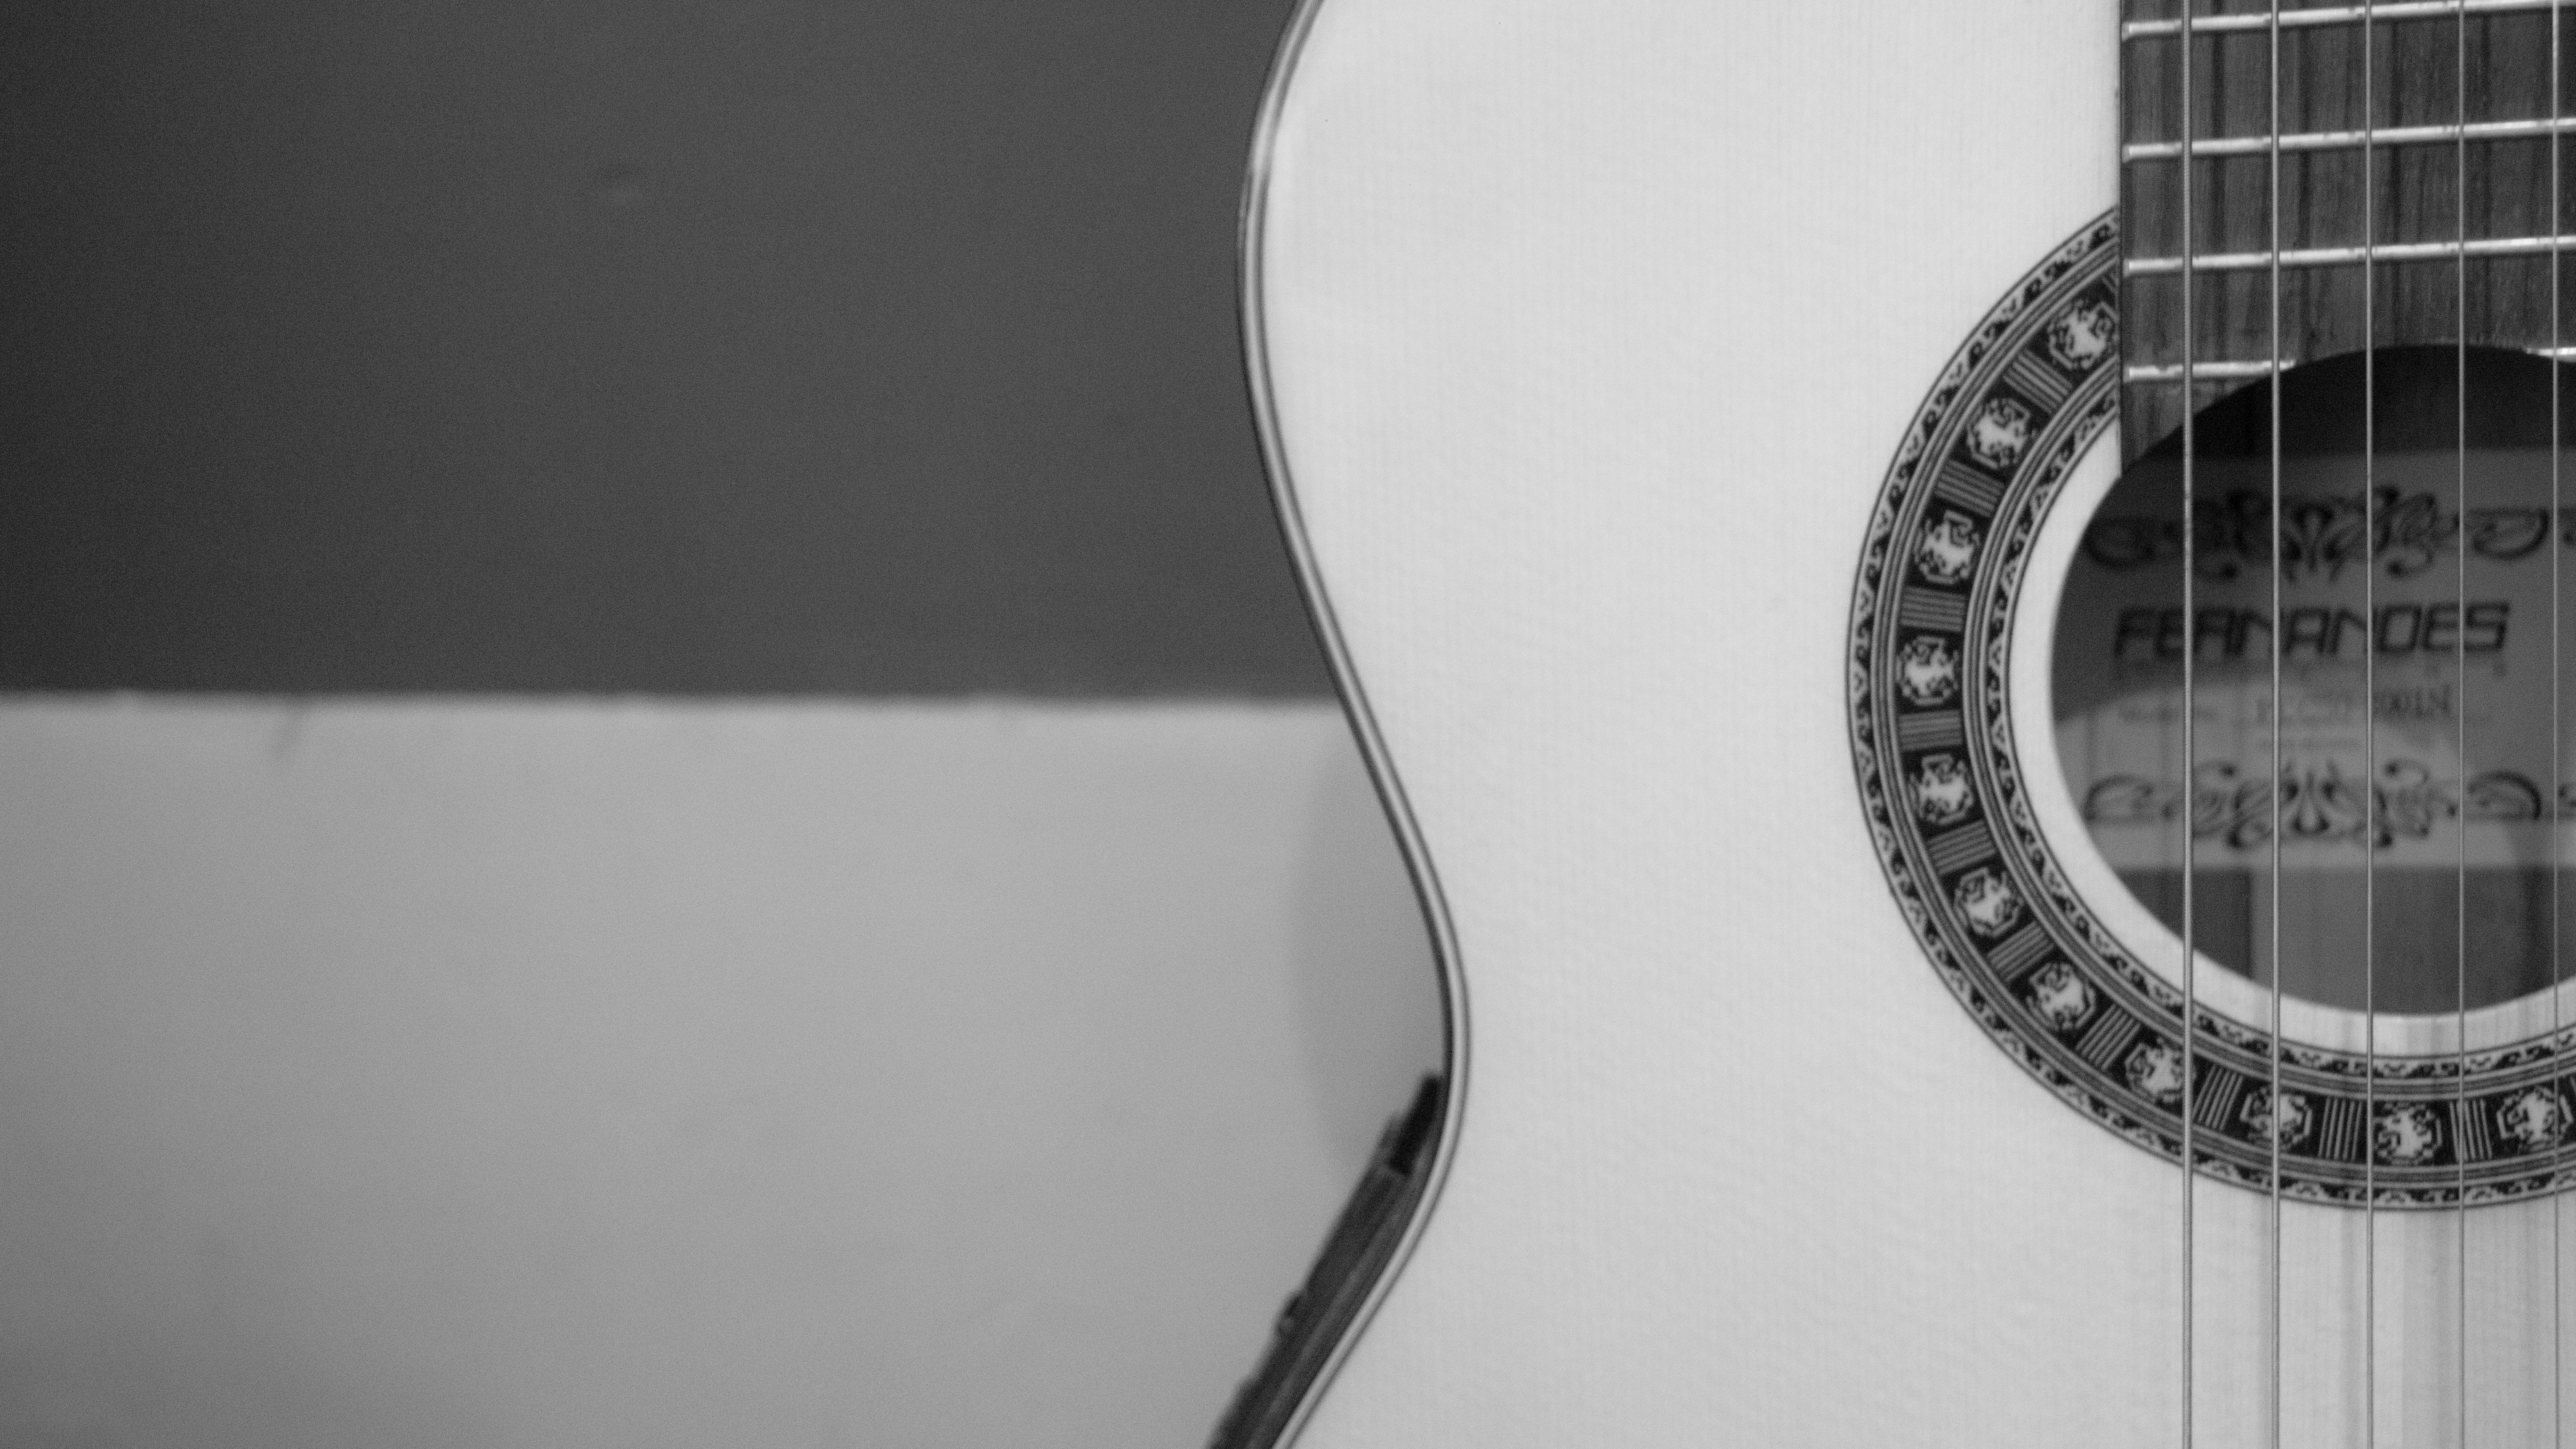 Très Images Gratuites : Roche, la musique, noir et blanc, la  VL43